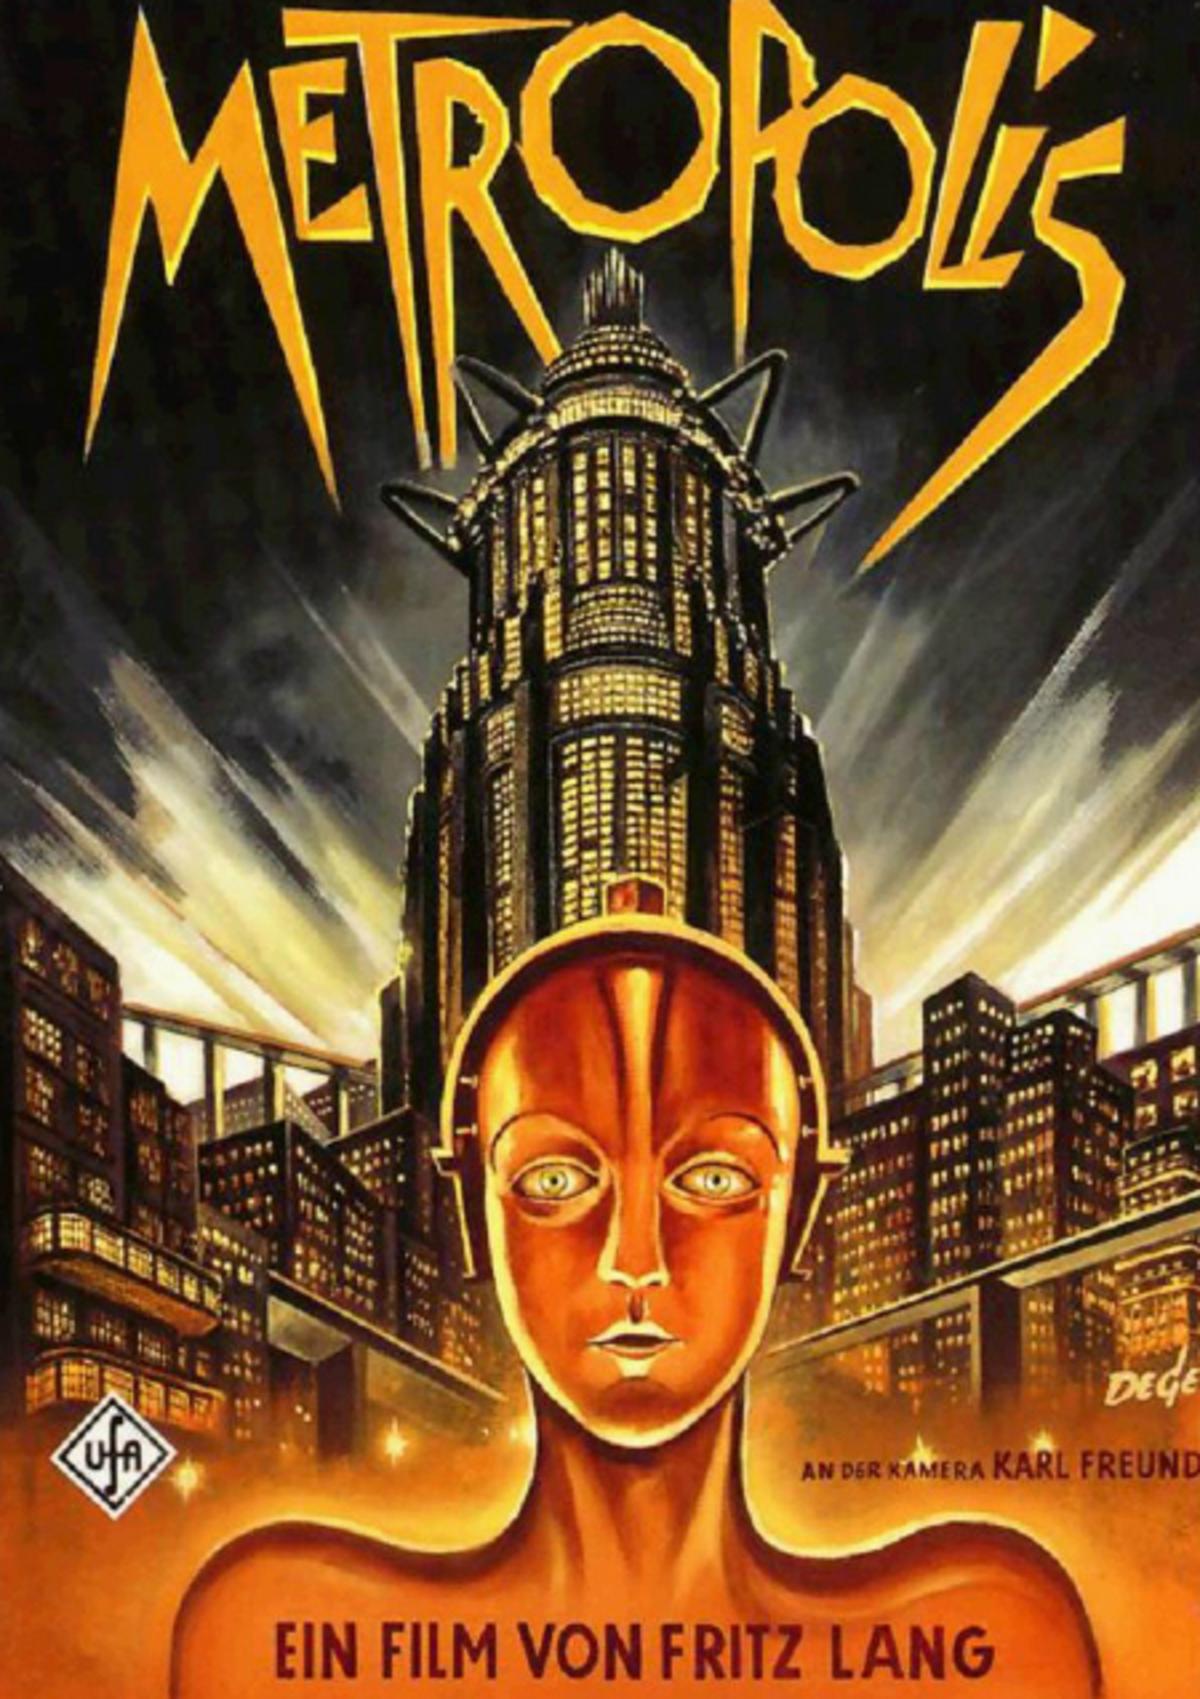 Афиша к фильму «Метрополис» 1927 года